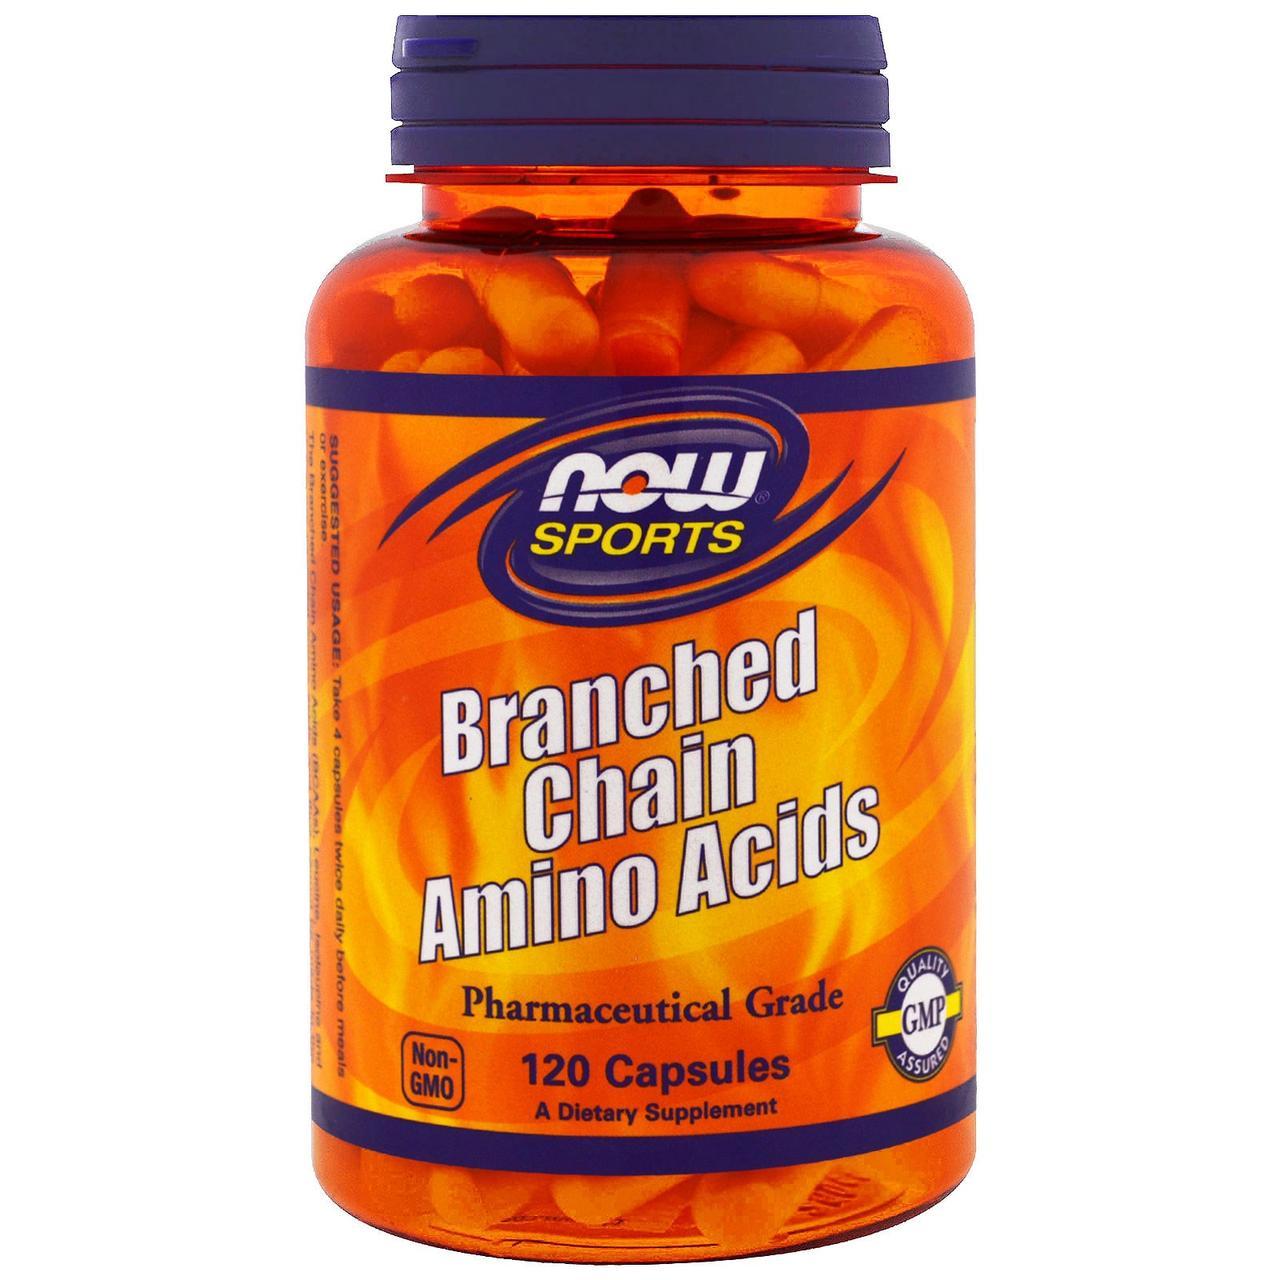 BCAA - Аминокислоты с разветвленной цепью, 120 капсул